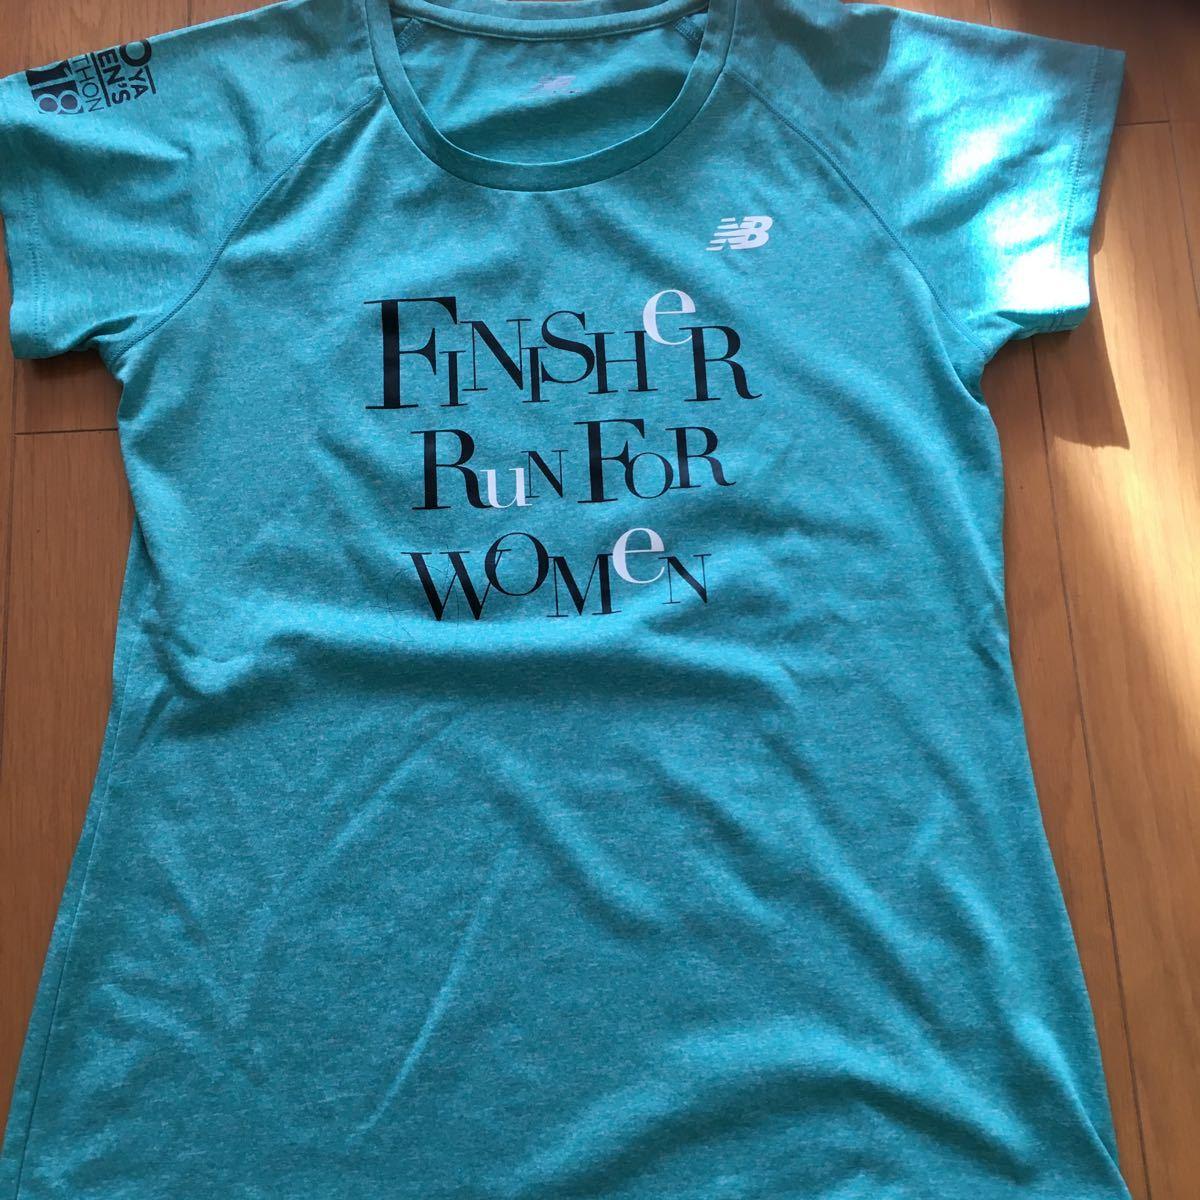 マラソン記念Tシャツ 半袖Tシャツ 3枚セット